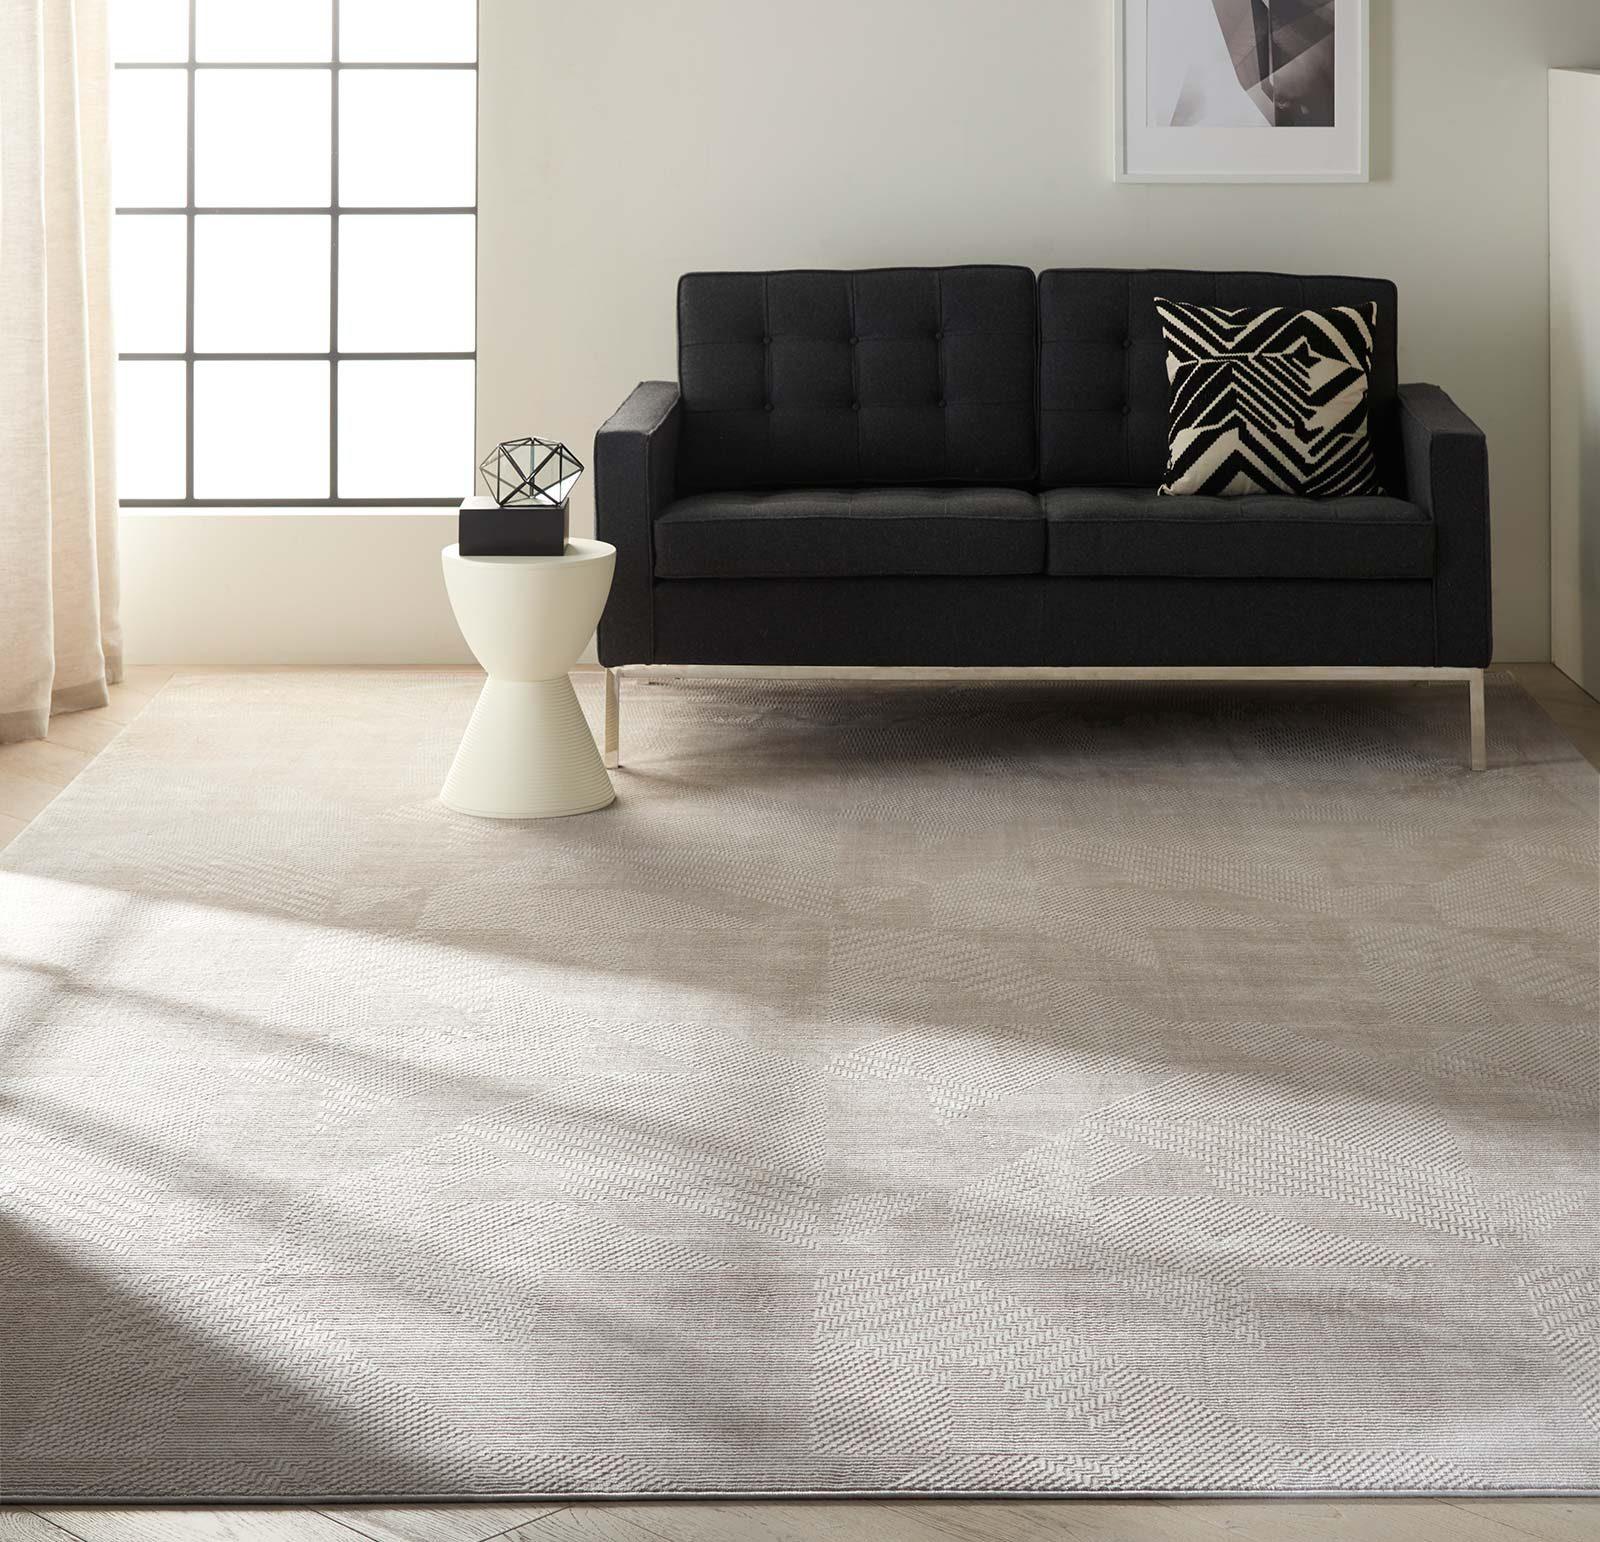 Calvin Klein rug Orlando CK850 CK852 GREY BEIGE 8x11 099446488275 interior 1